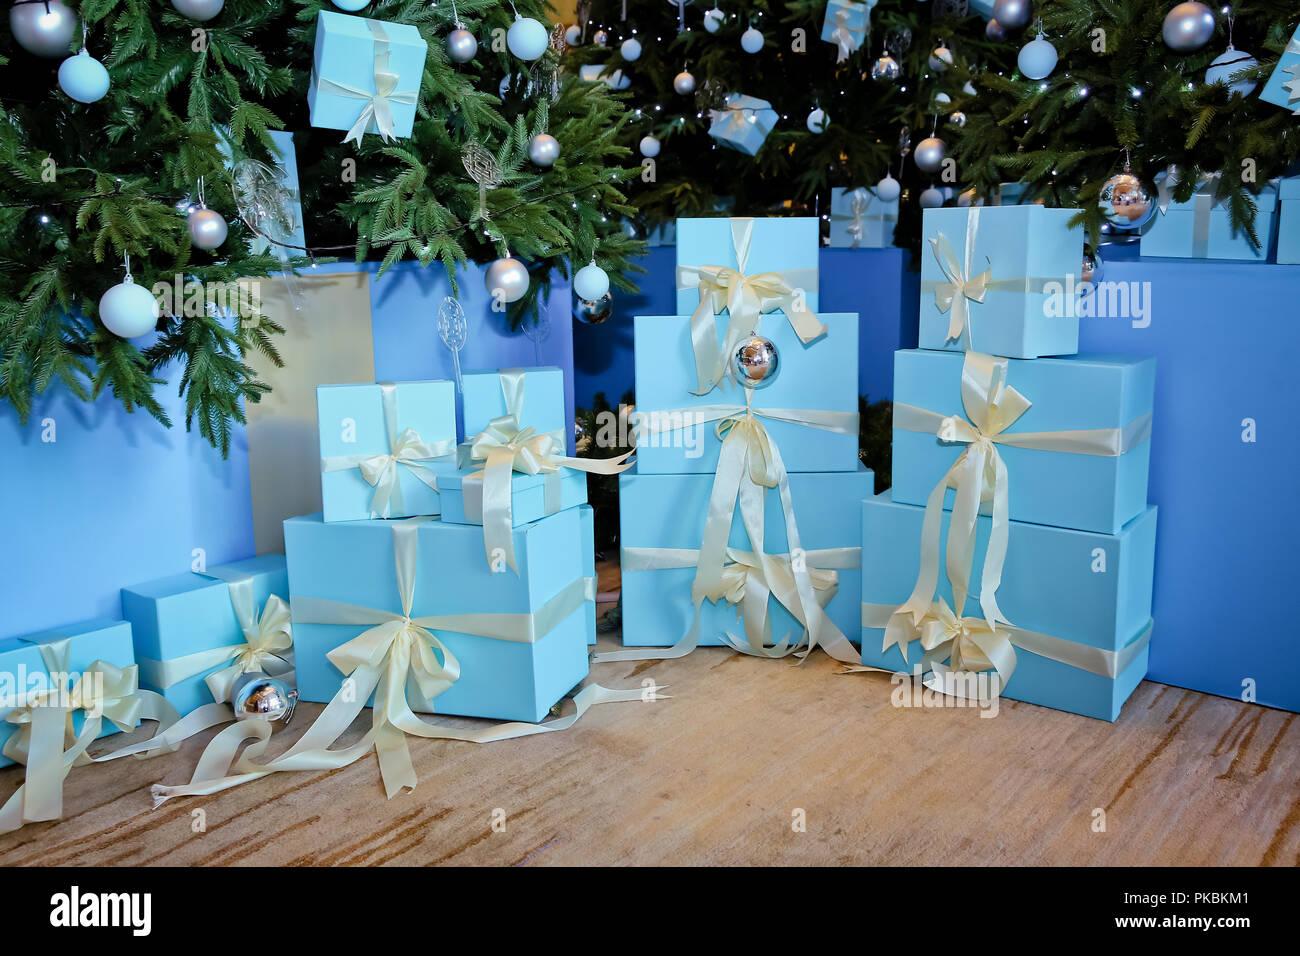 Decorazioni Sala Capodanno : Verde nuovo anno albero decorata sala di natale con belle abete